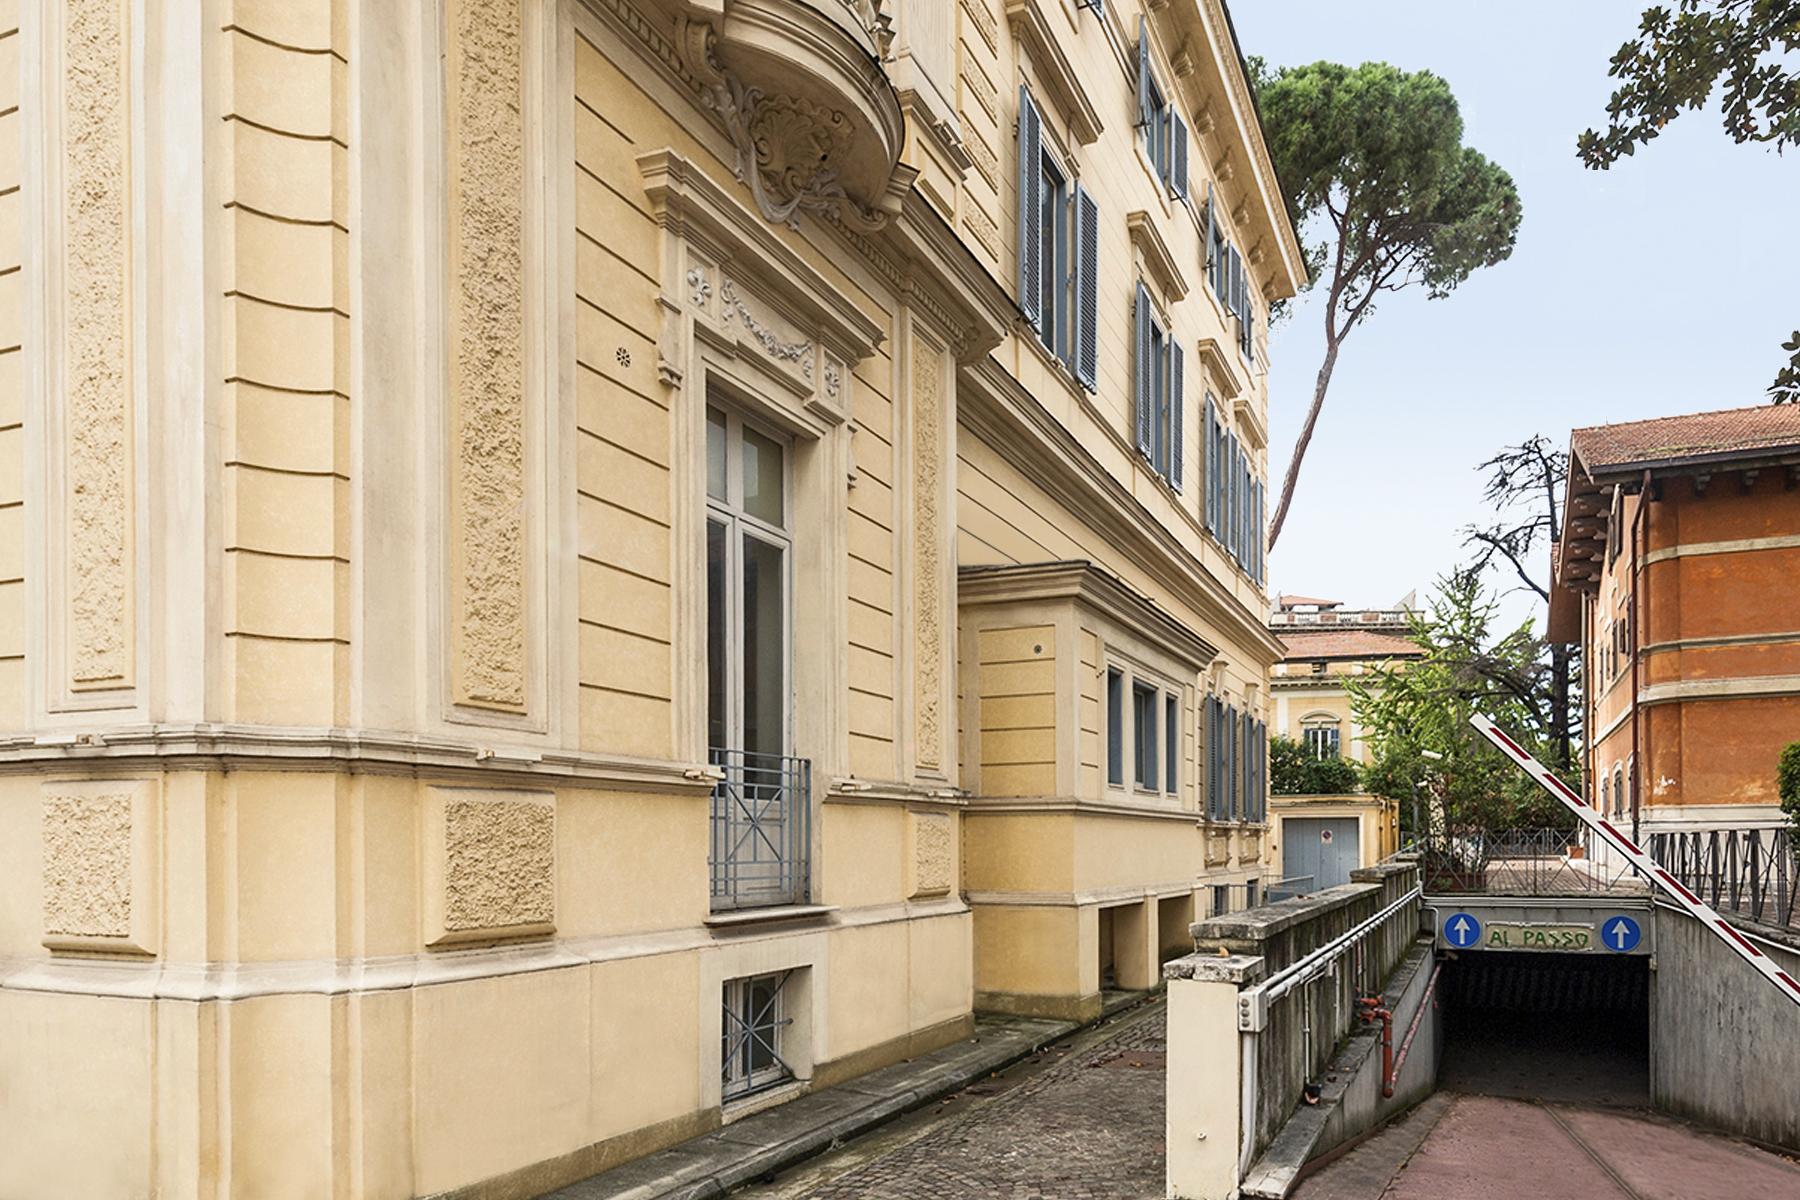 Additional photo for property listing at Magnifique Villa Art Deco dans le centre de Rome Via Piemonte Rome, Rome 00187 Italie